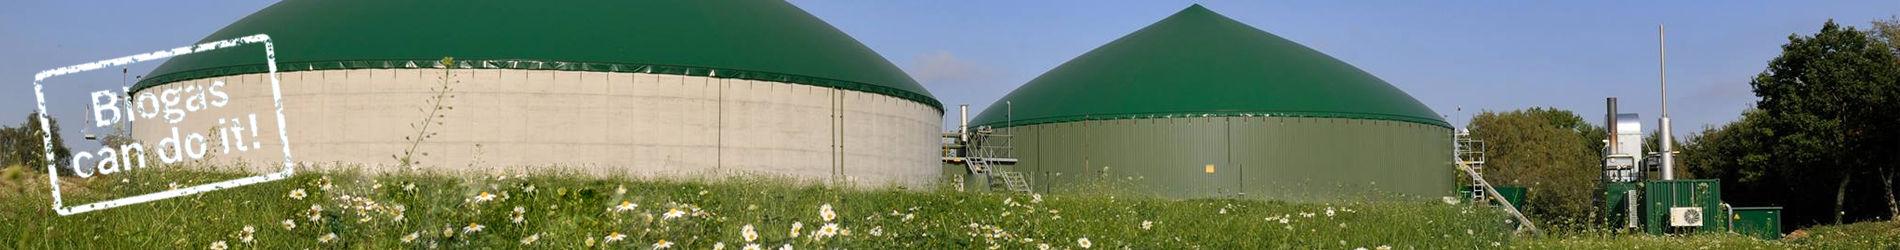 How a biogas plant works - Fachverband BIOGAS